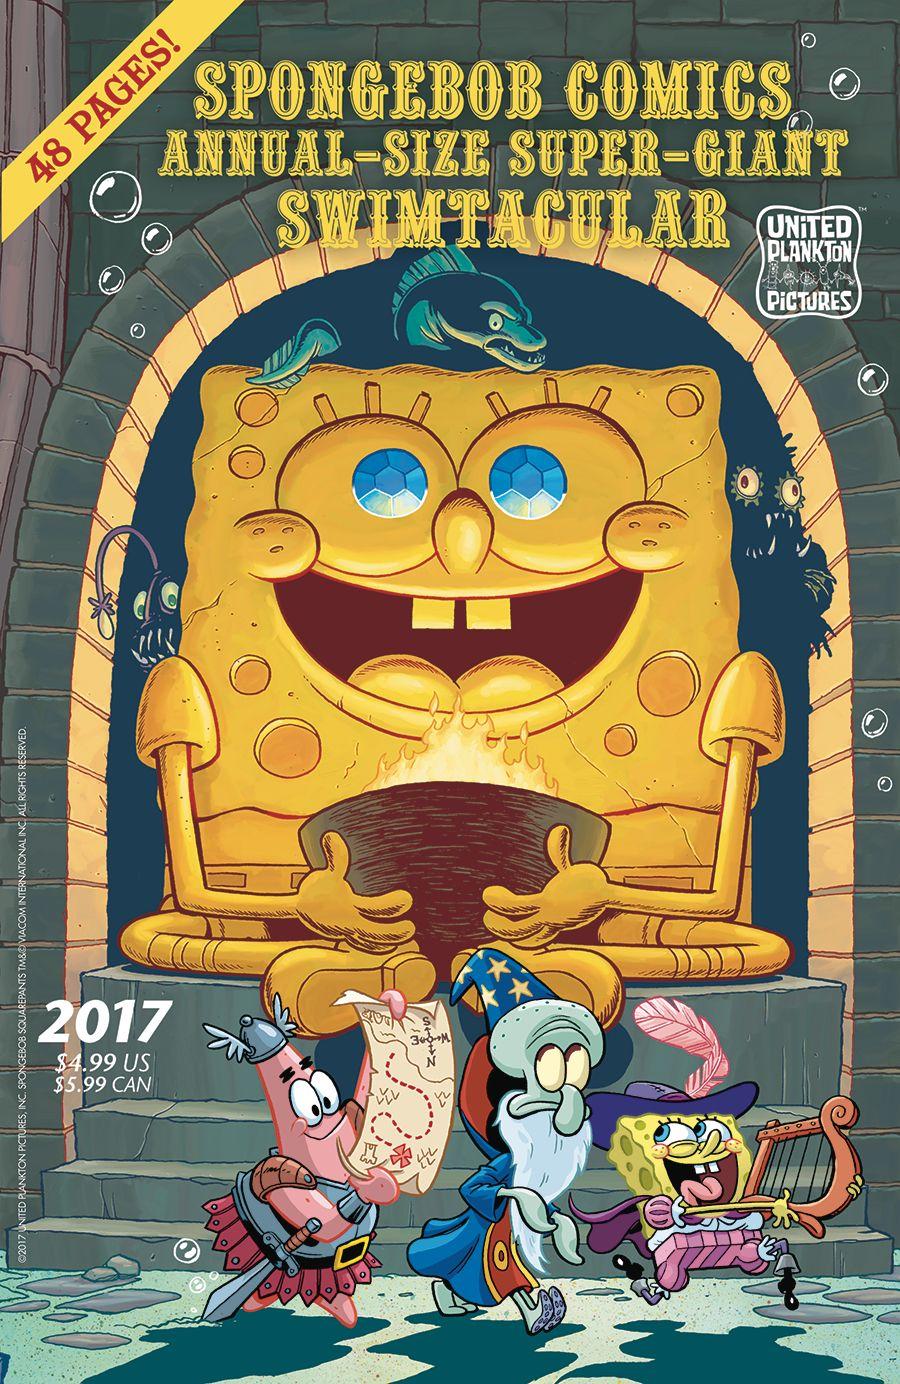 spongebob comics annual 2017 united plankton pictures